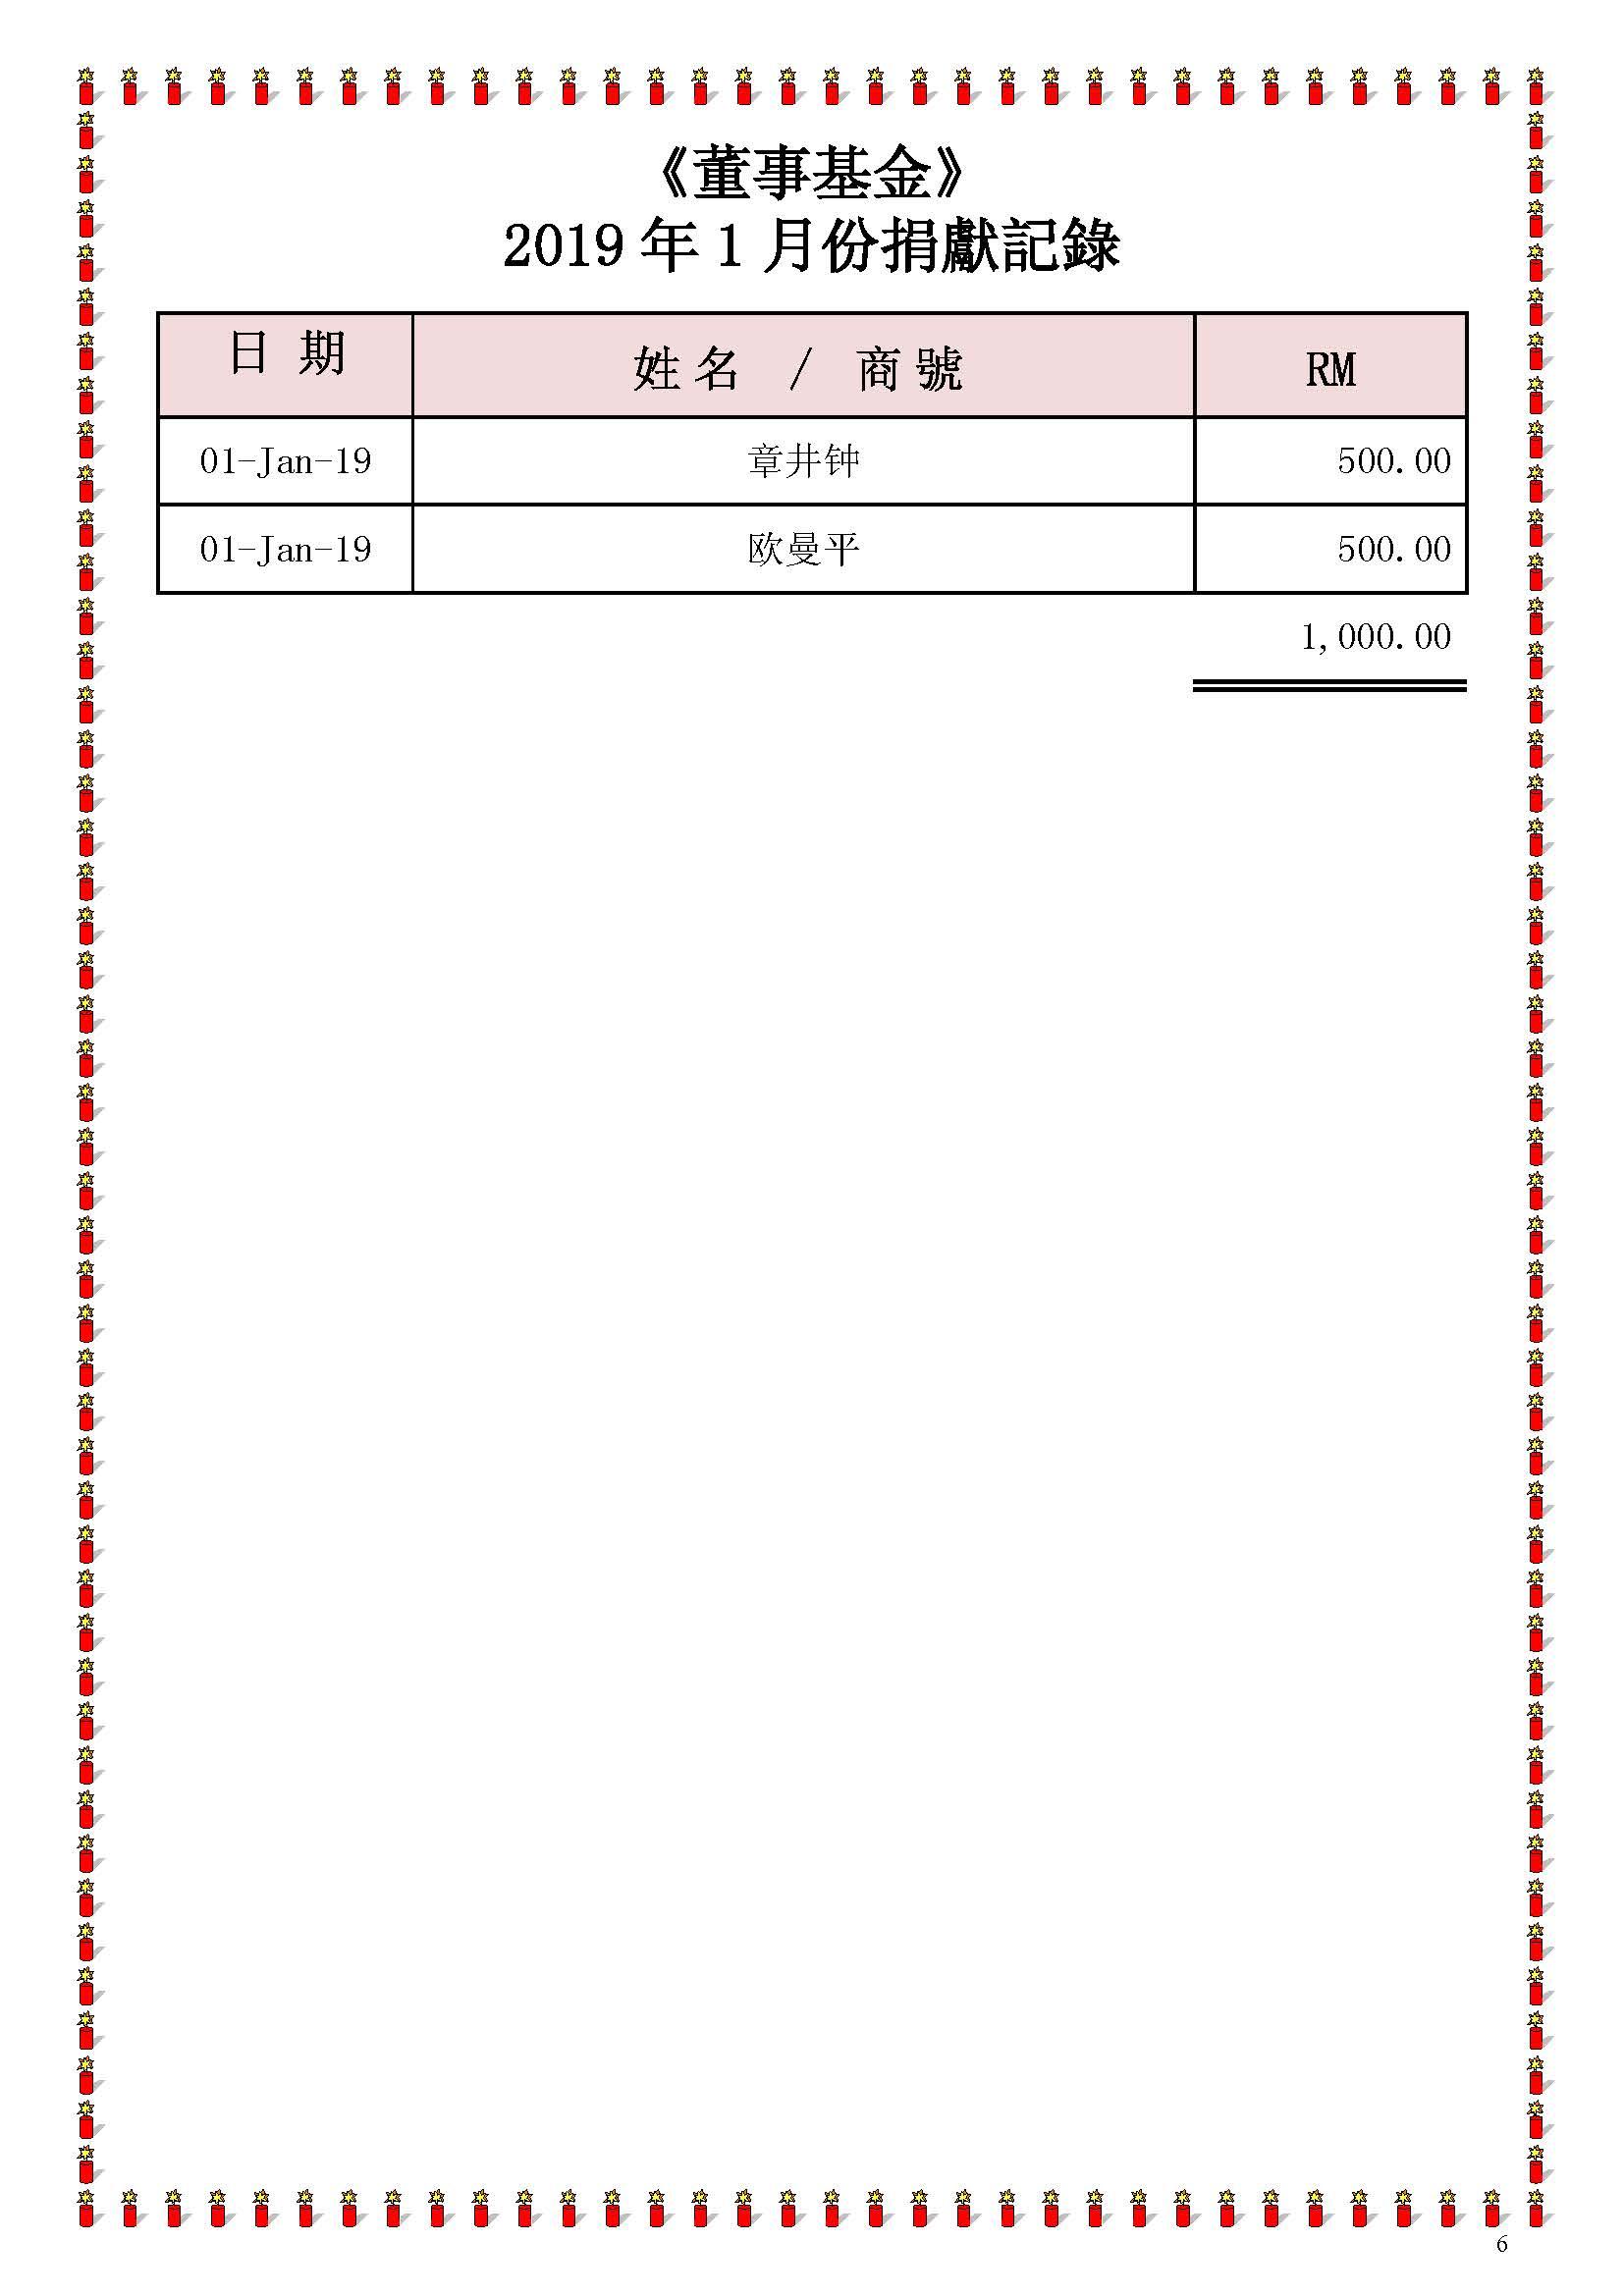 2019年1月份捐獻記錄_修改后_Page_6